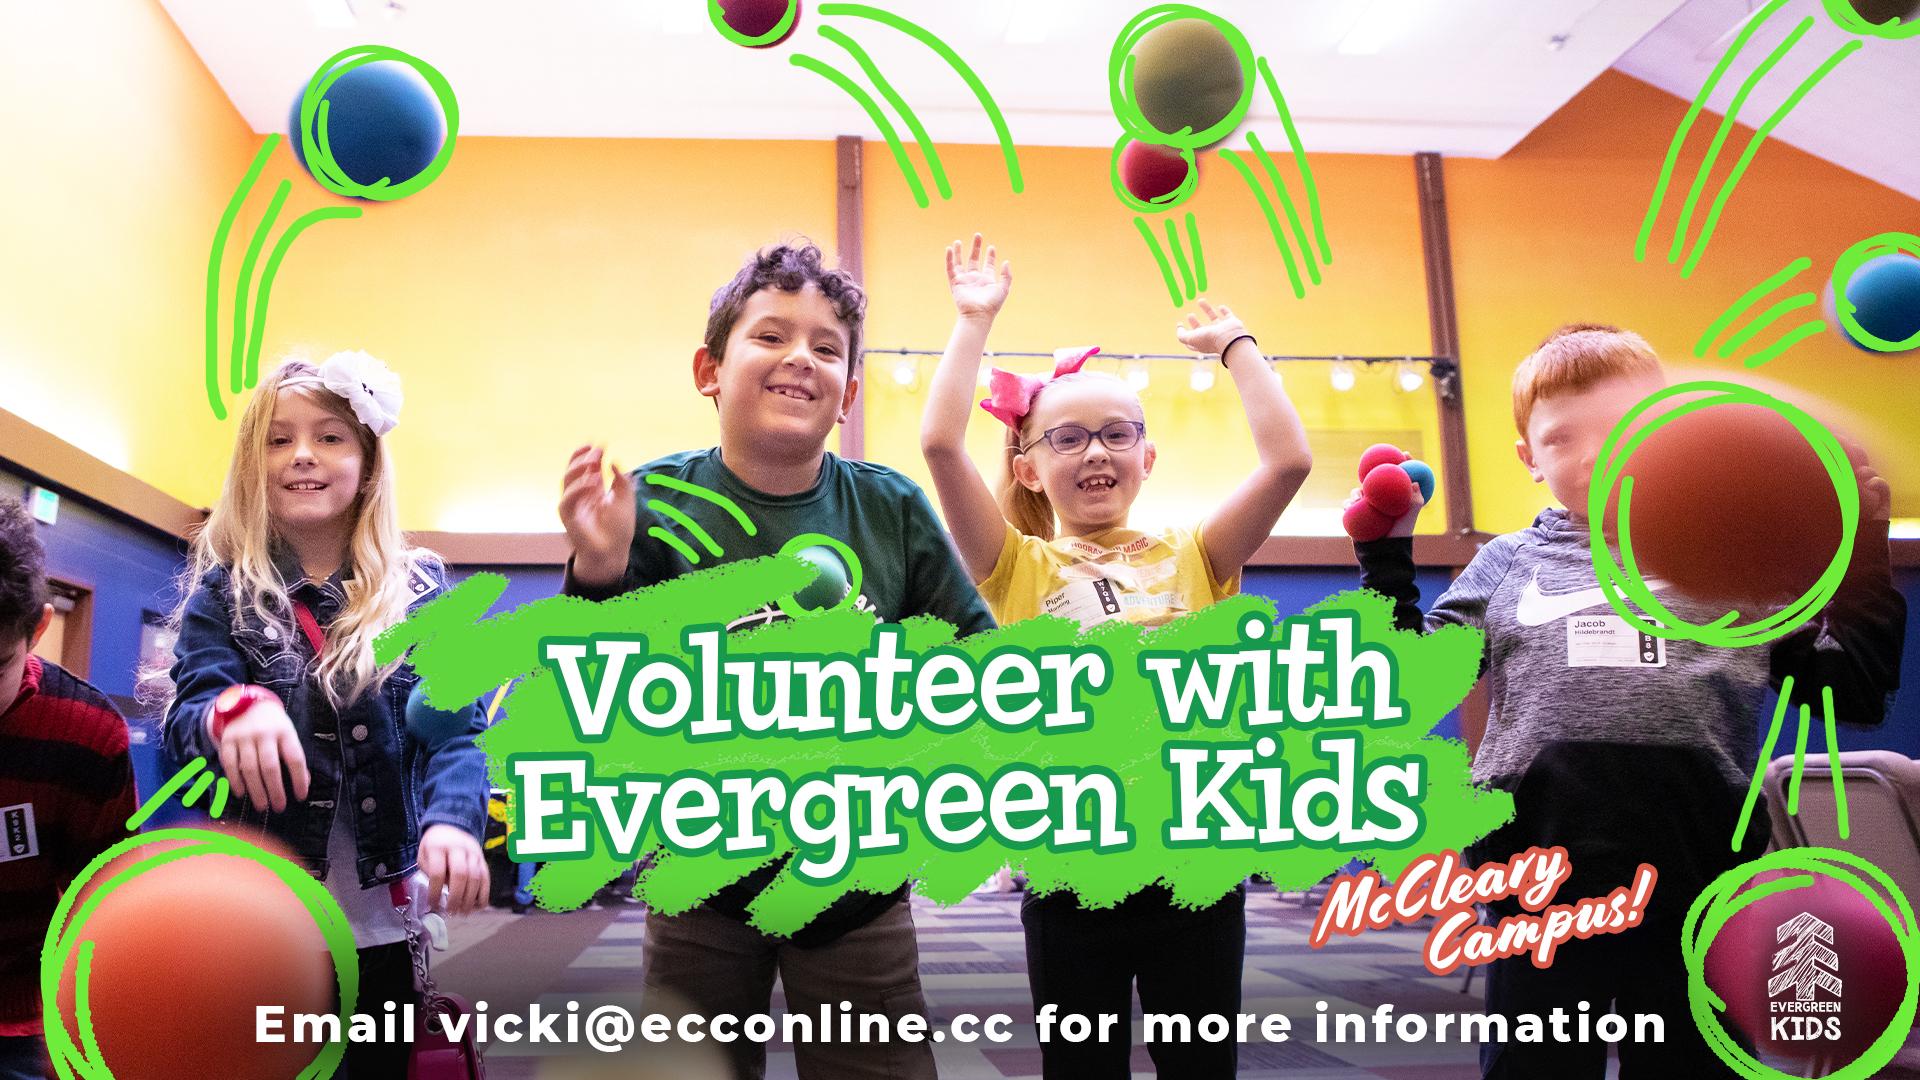 Kids Ministry Volunteer McCleary Slide2.jpg